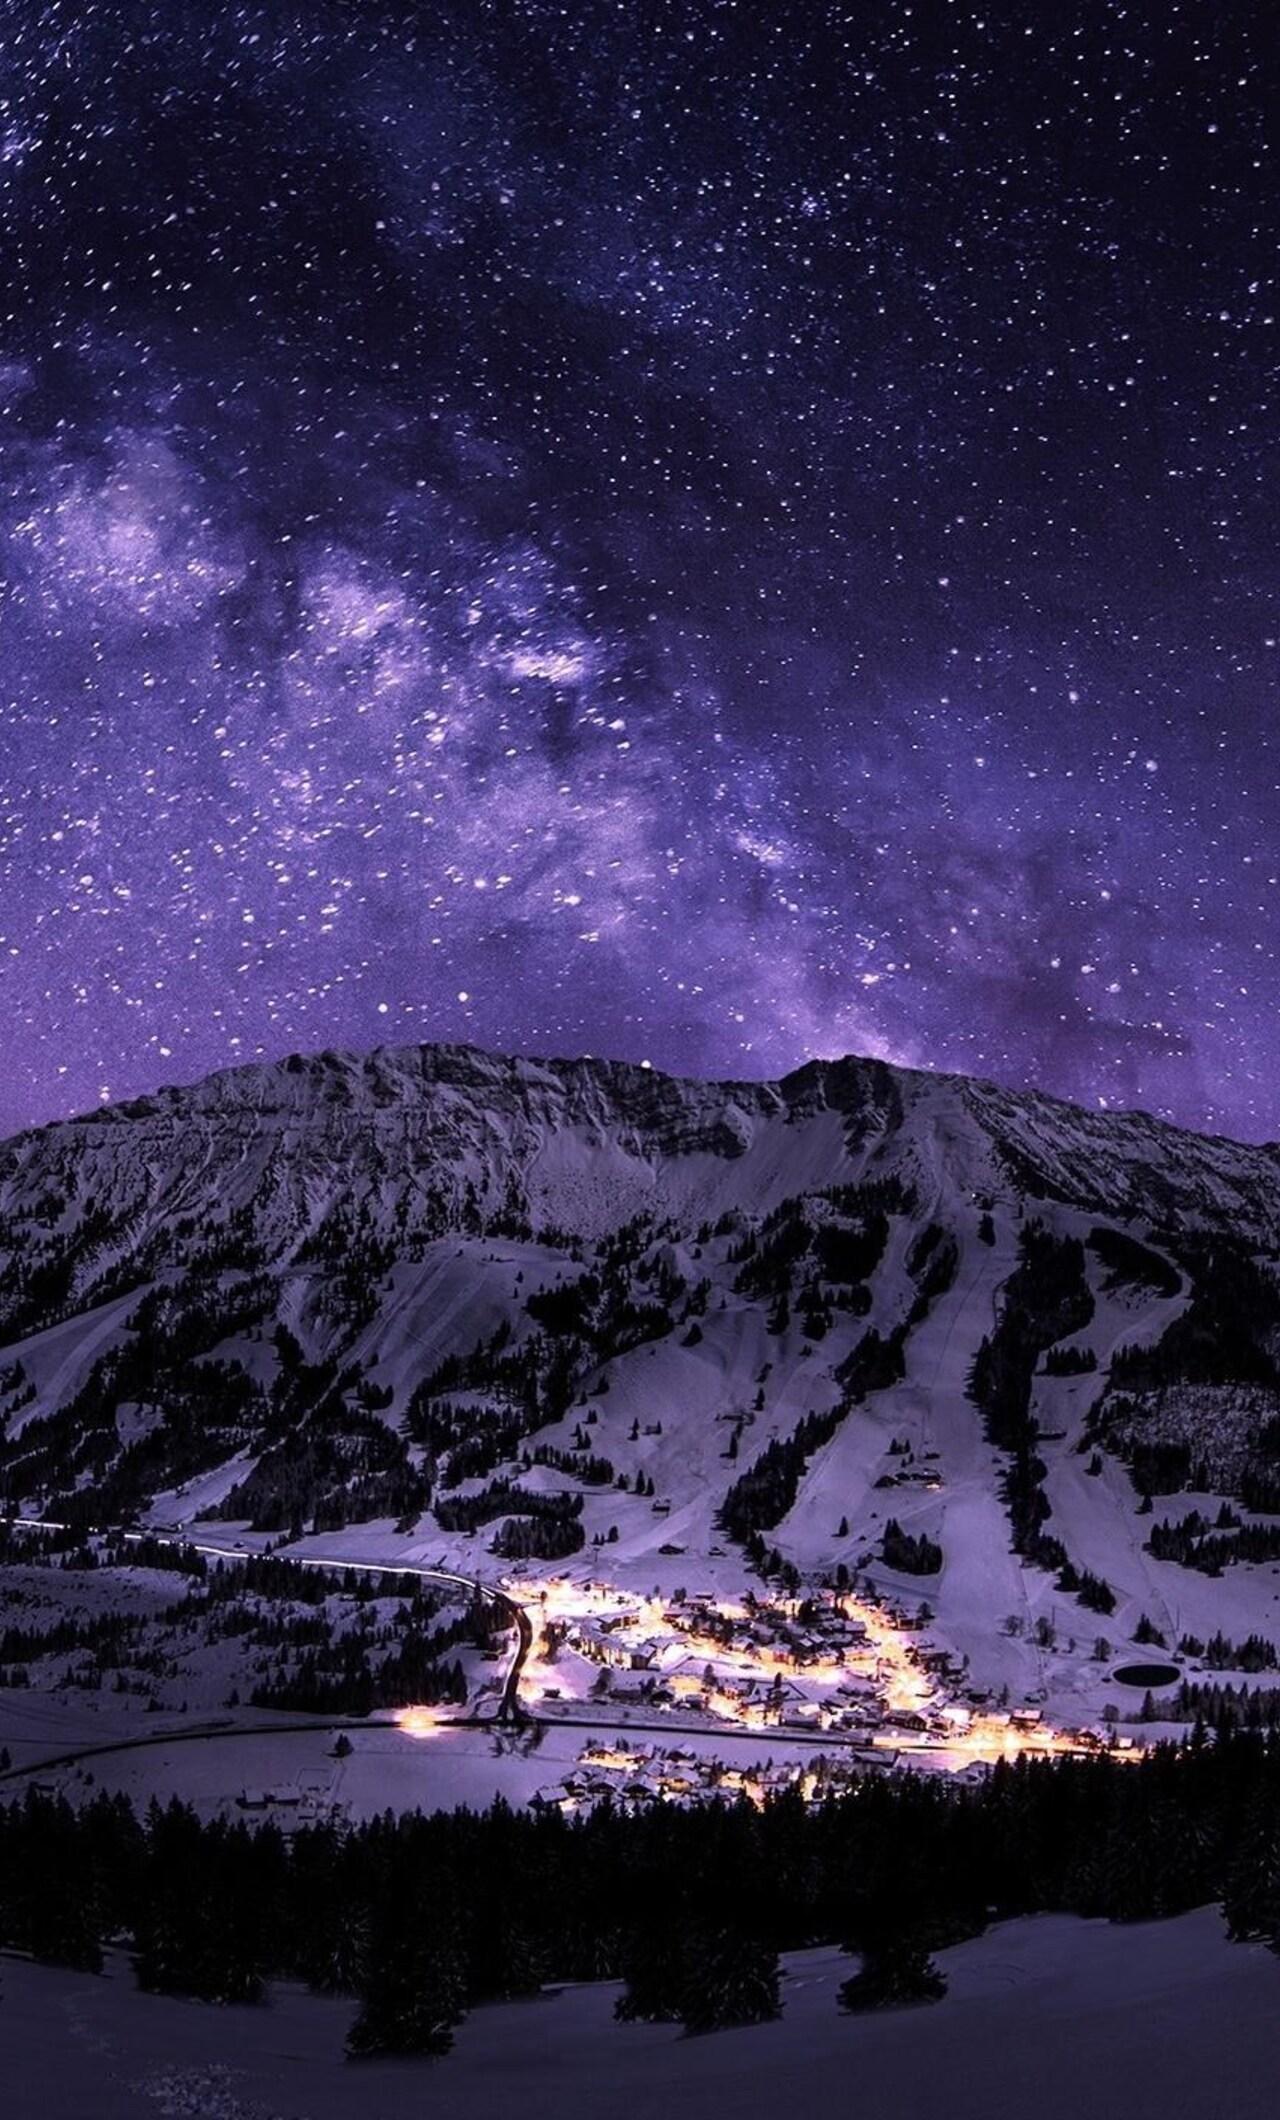 stars-night-galaxy-4k.jpg